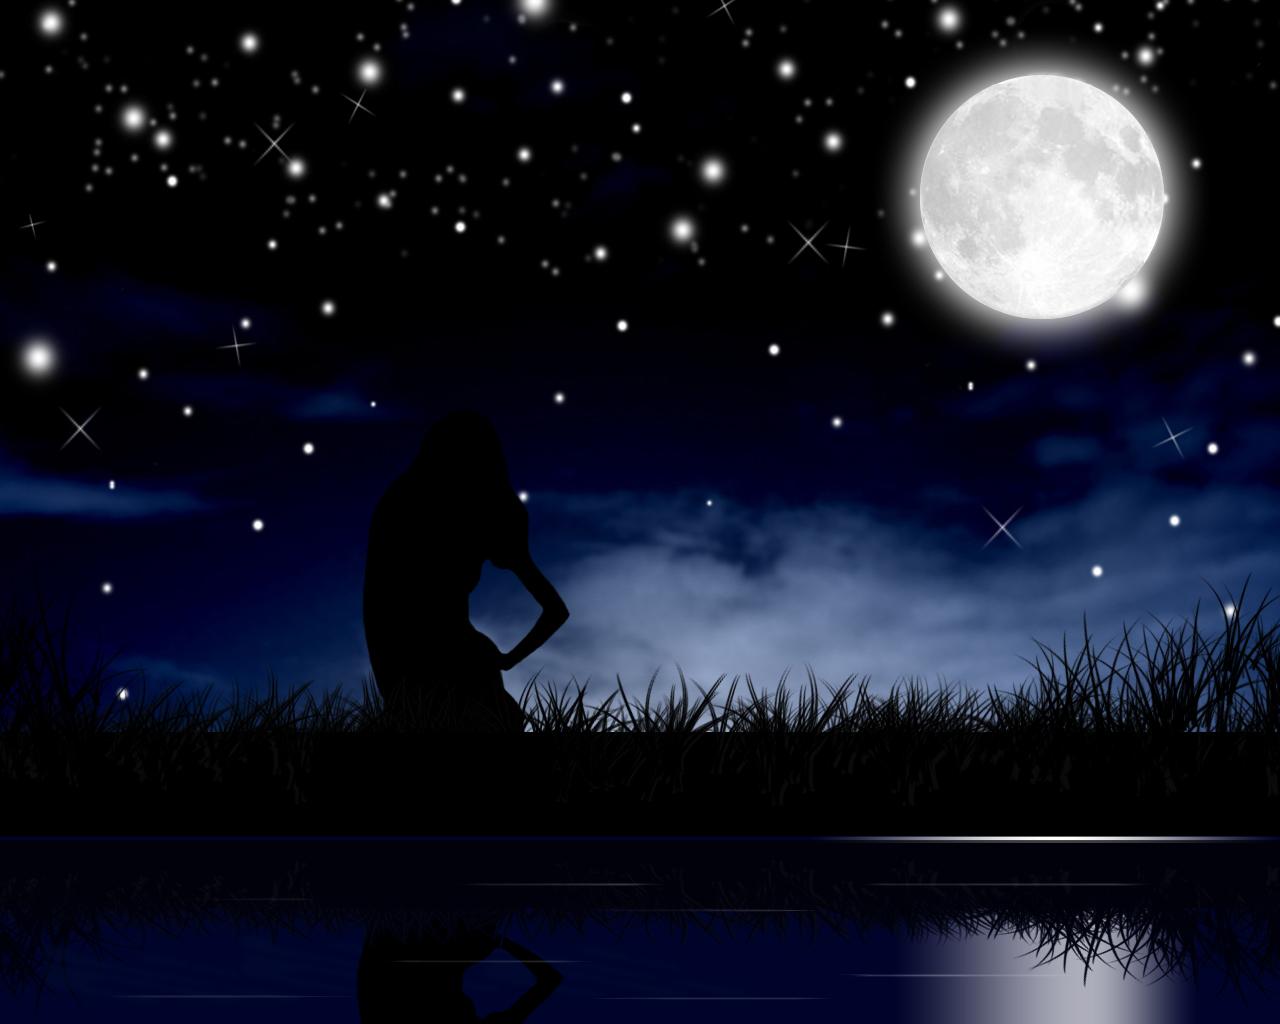 парень луна цветы картинки это исправление интимных